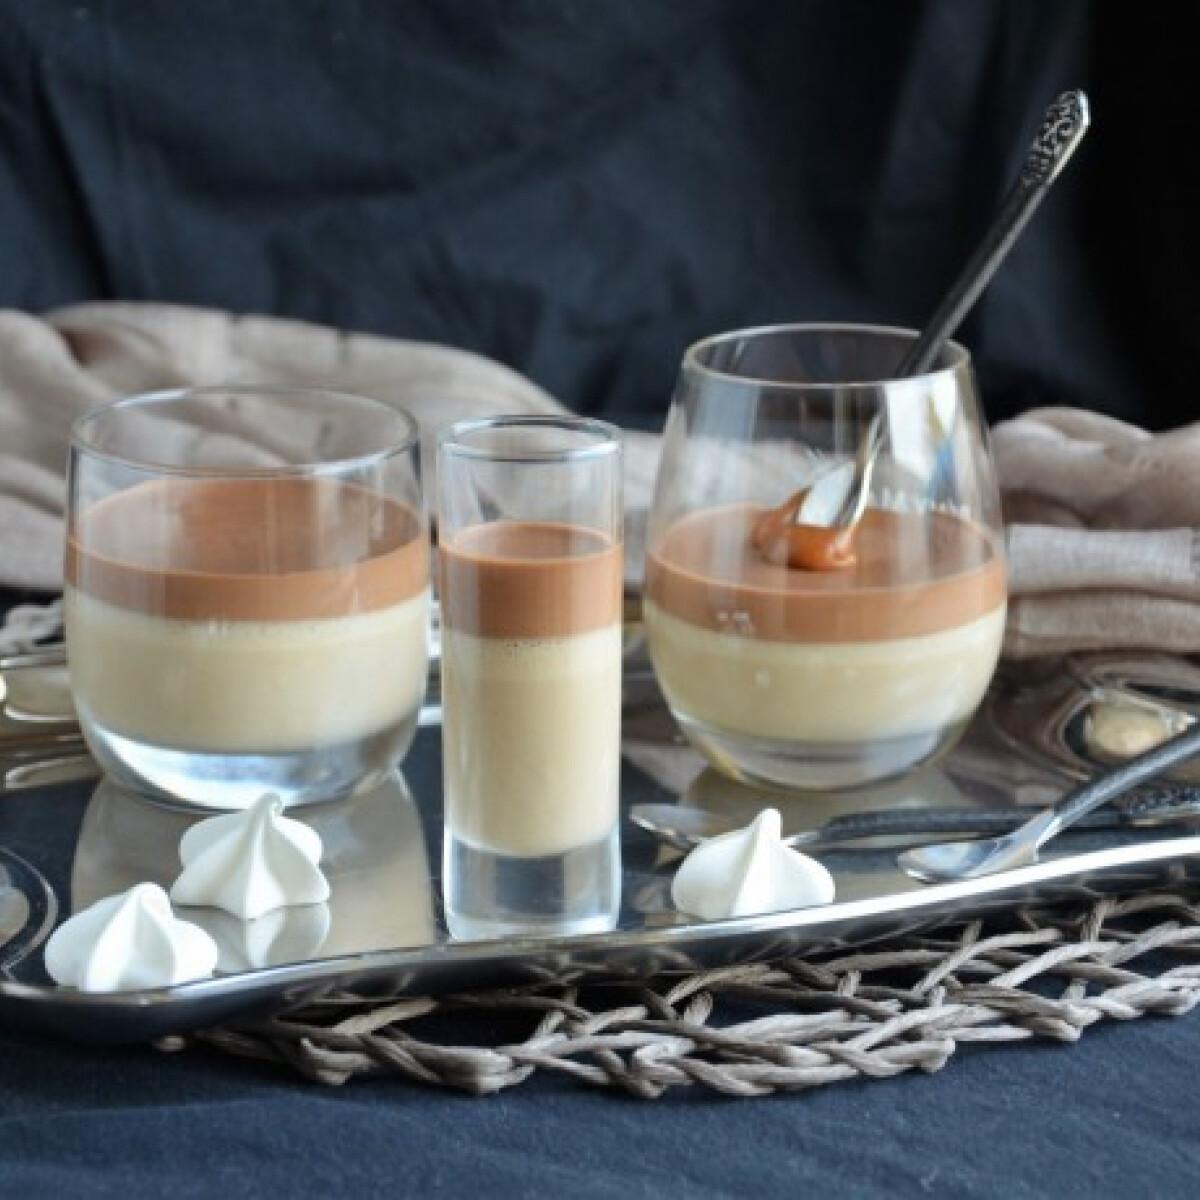 Ezen a képen: Kávémousse csokoládéval és sós karamellel